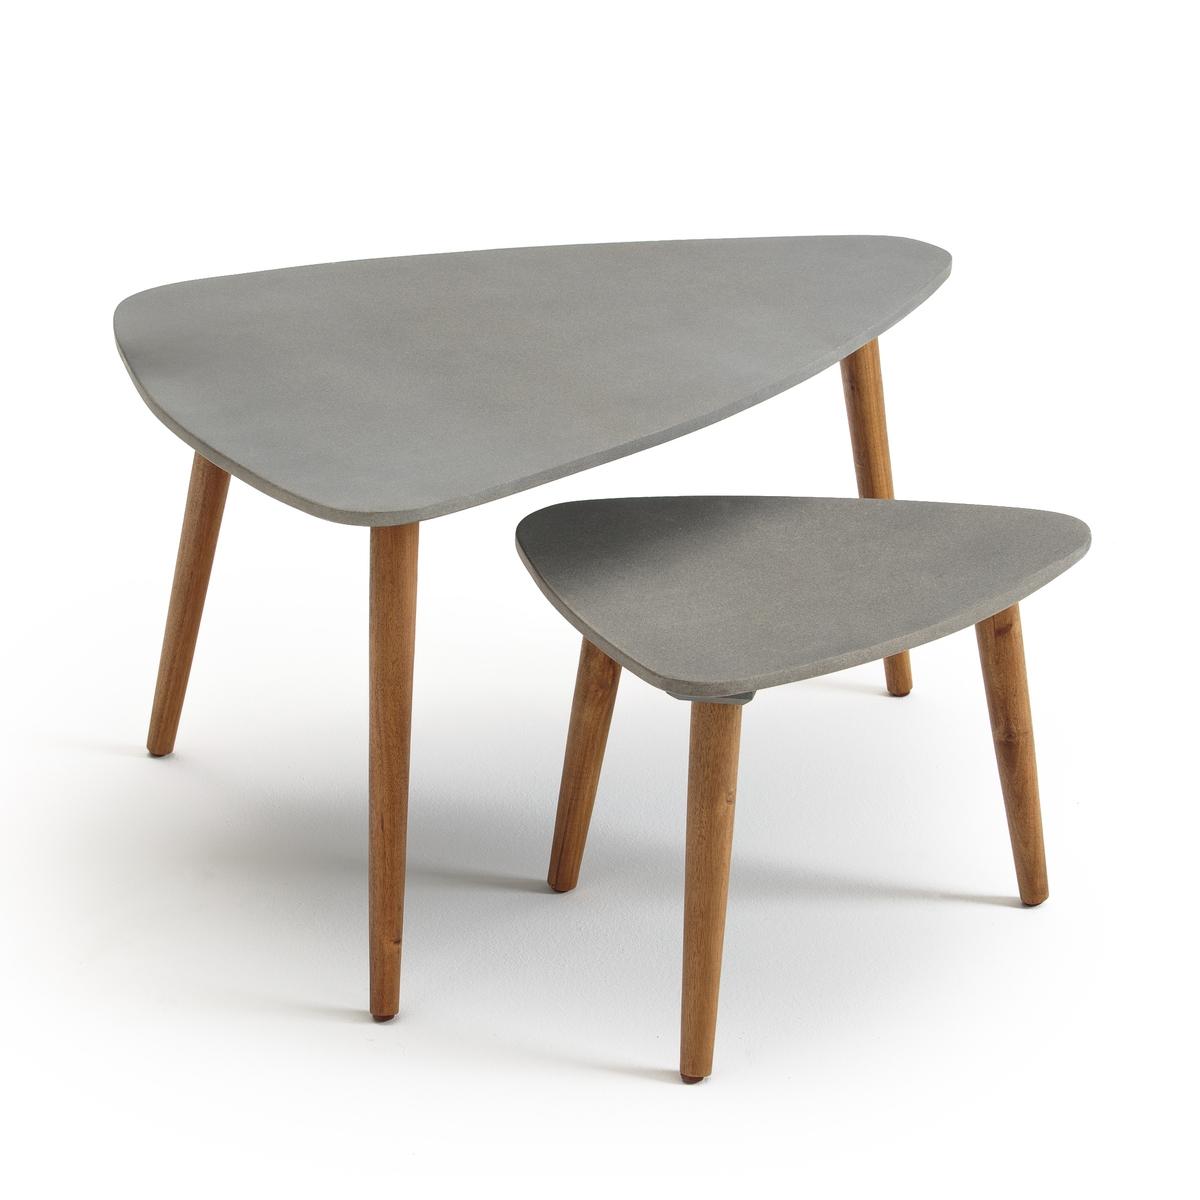 Комплект из 2 журнальных столиков для сада, вдвигающихся друг в друга, Julma неизвестный друг